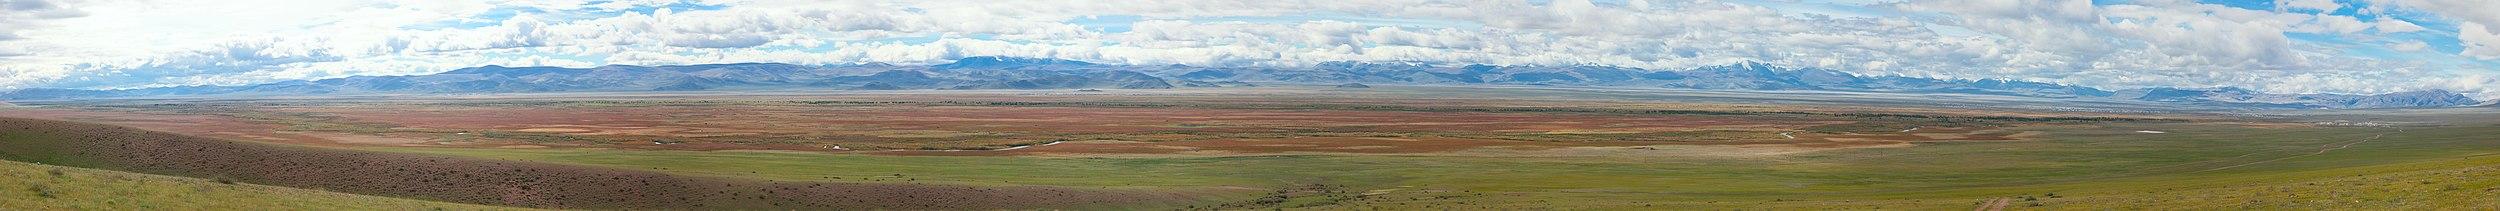 Панорама ВСЕЙ Чуйской степи